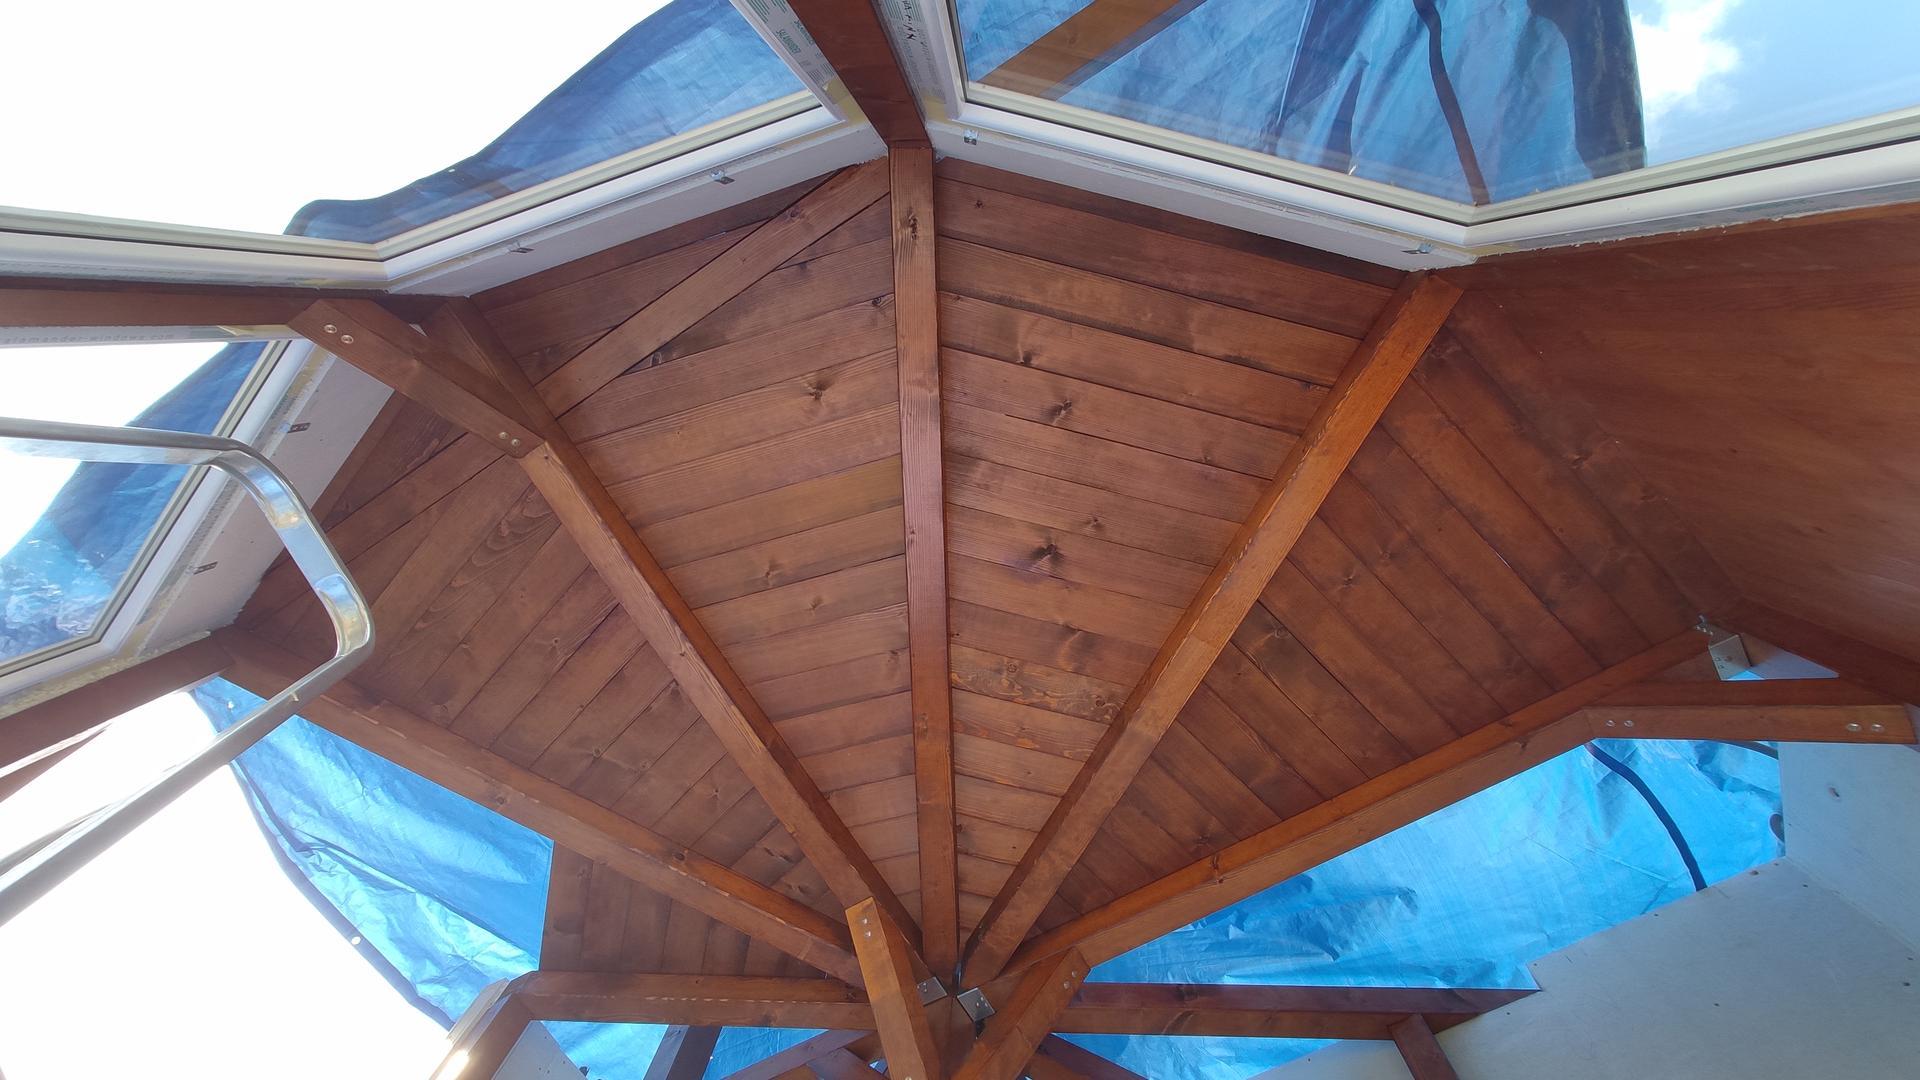 Relaxačný domček sauna a oddychová miestnosť ... plány, príprava a realizácia - Obrázok č. 90